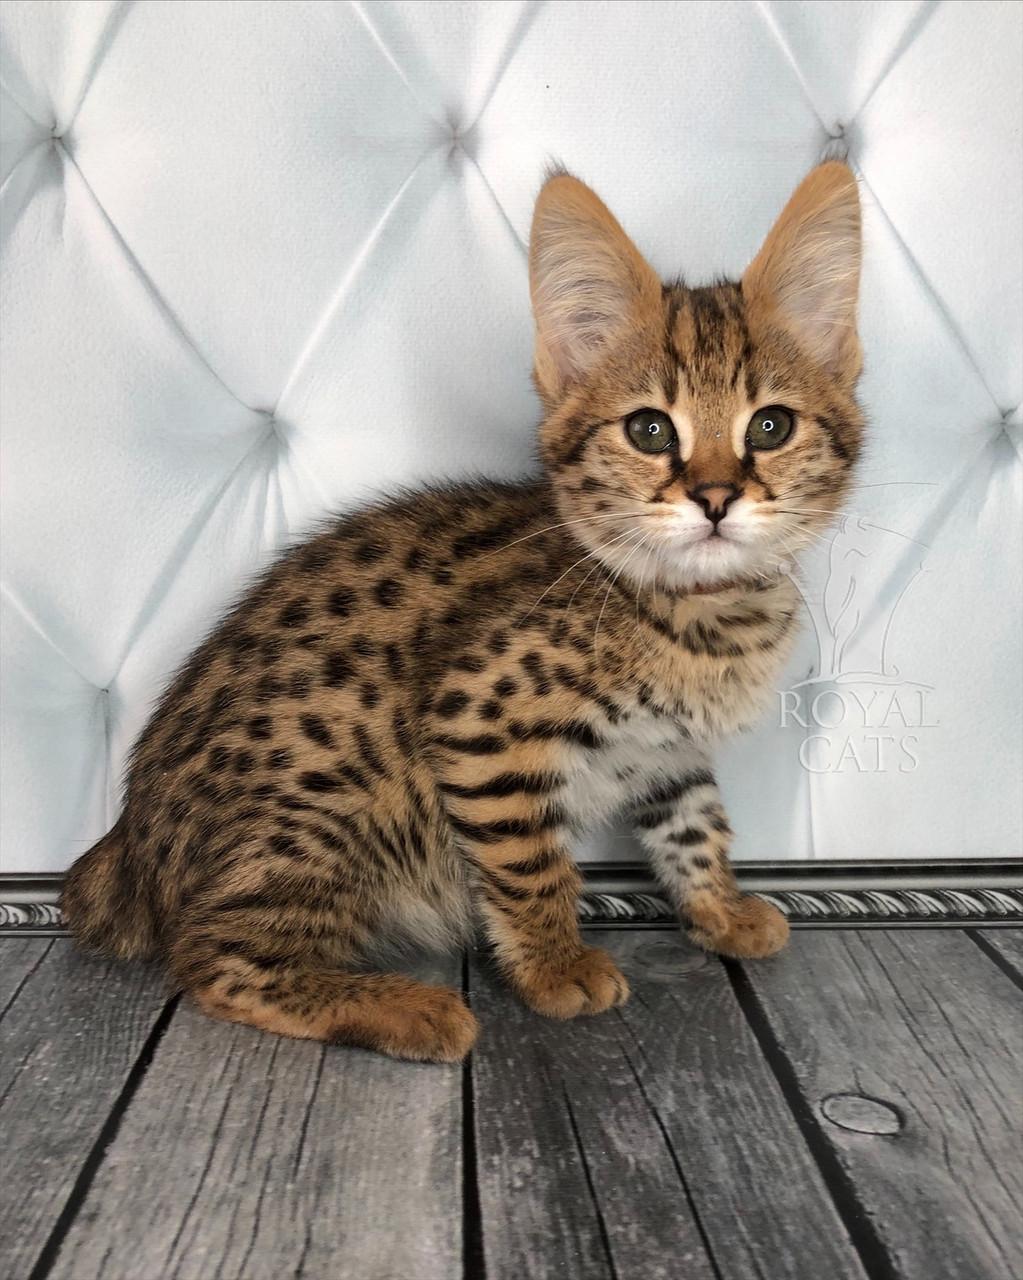 Котёнок Саванна Ф1, (browncollar) родился 25/11/18 в питомнике Royal Cats